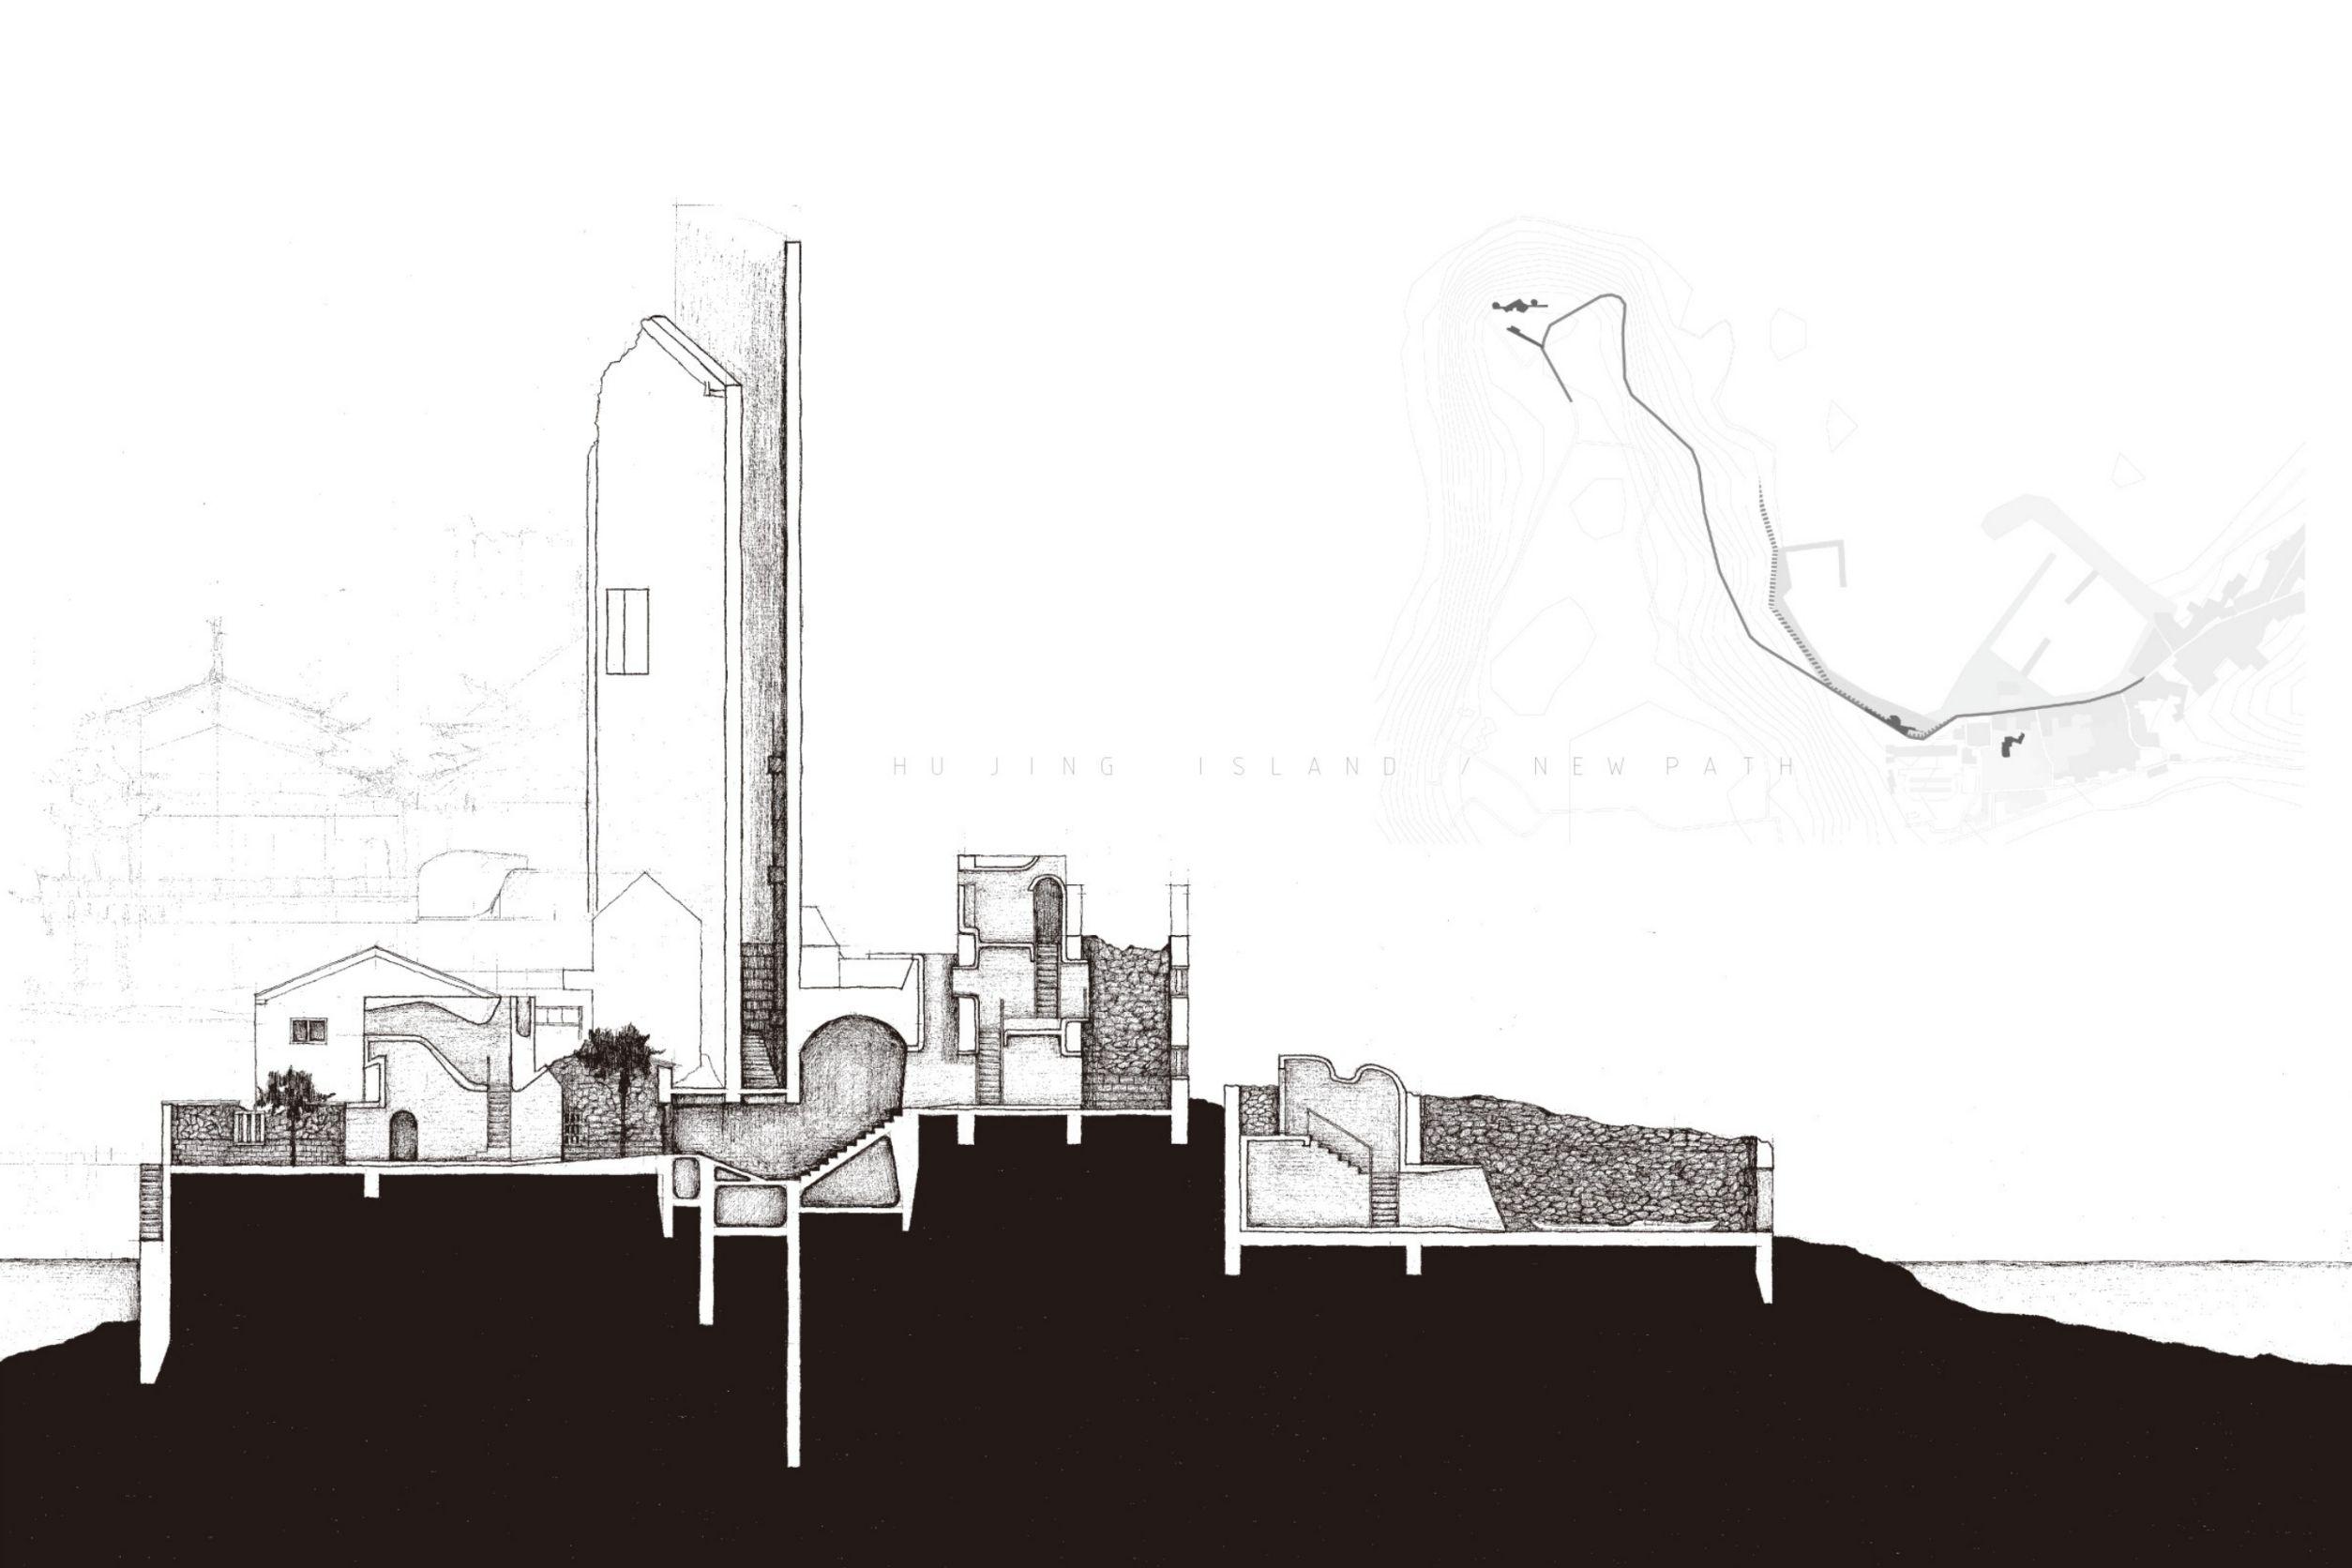 空間設計類:「虎井嶼/新地景」(倪貫倫、吳朝欽,大葉大學空間設計學系)